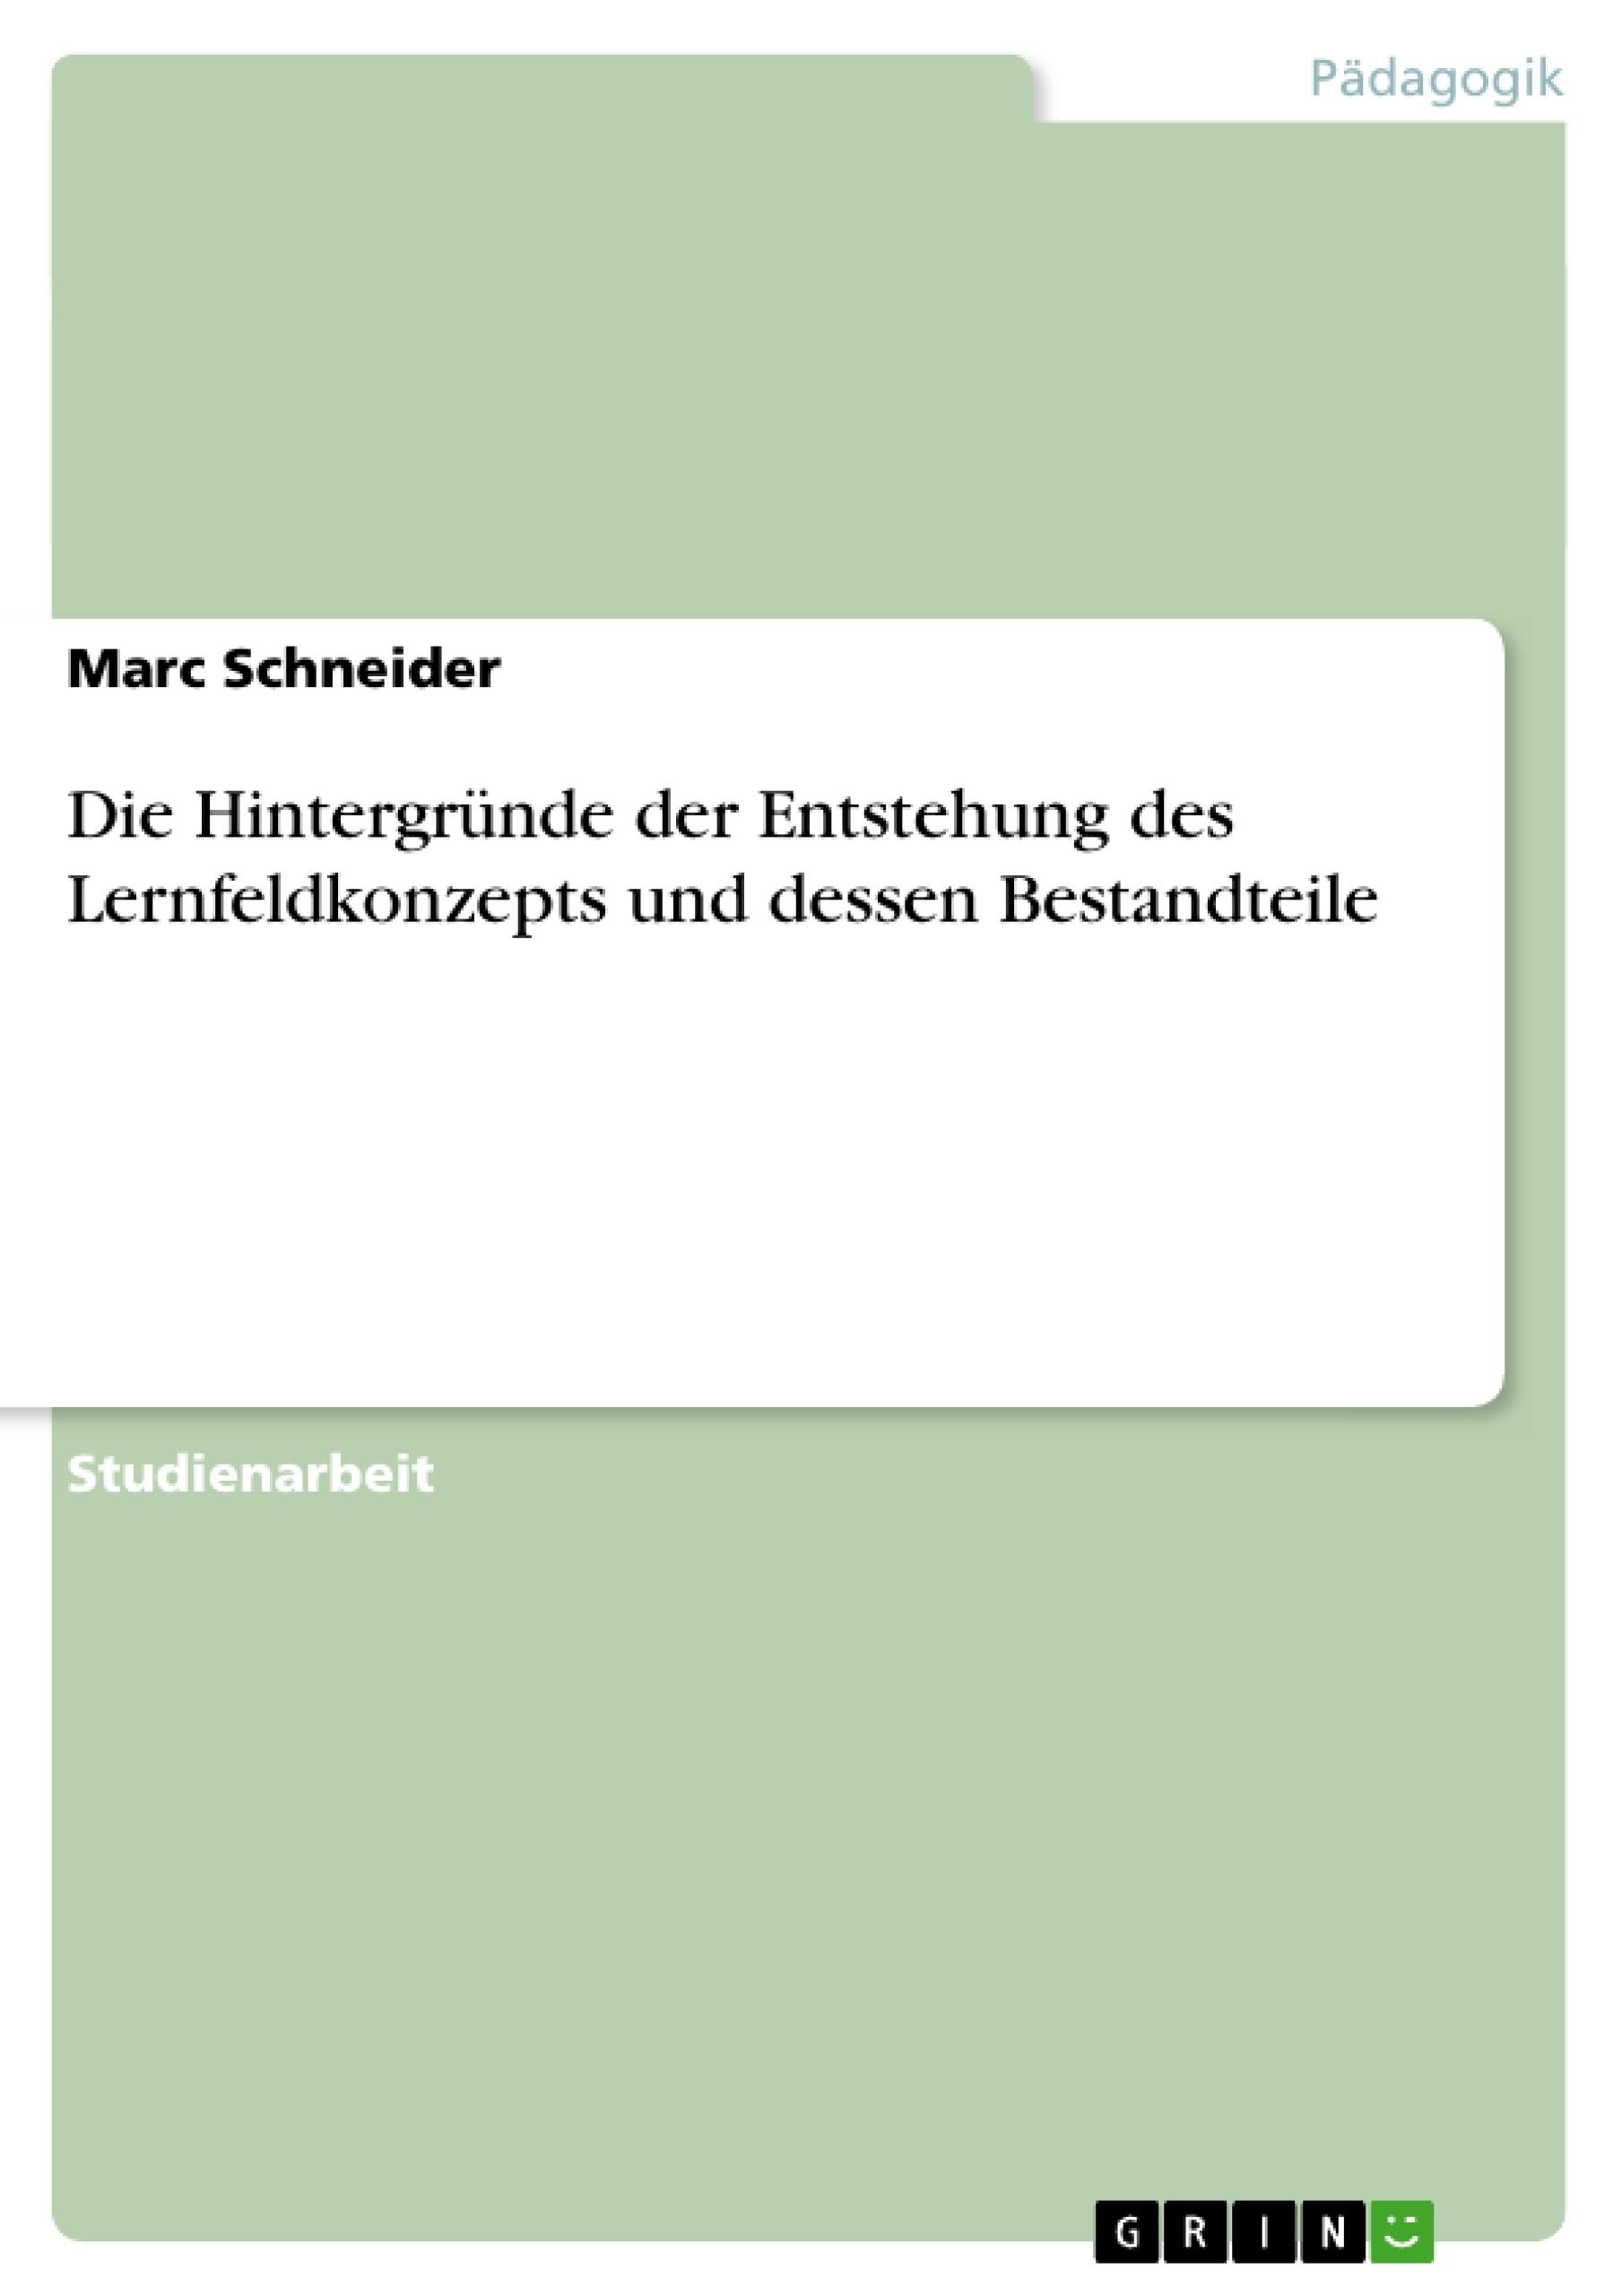 Titel: Die Hintergründe der Entstehung des Lernfeldkonzepts und dessen Bestandteile